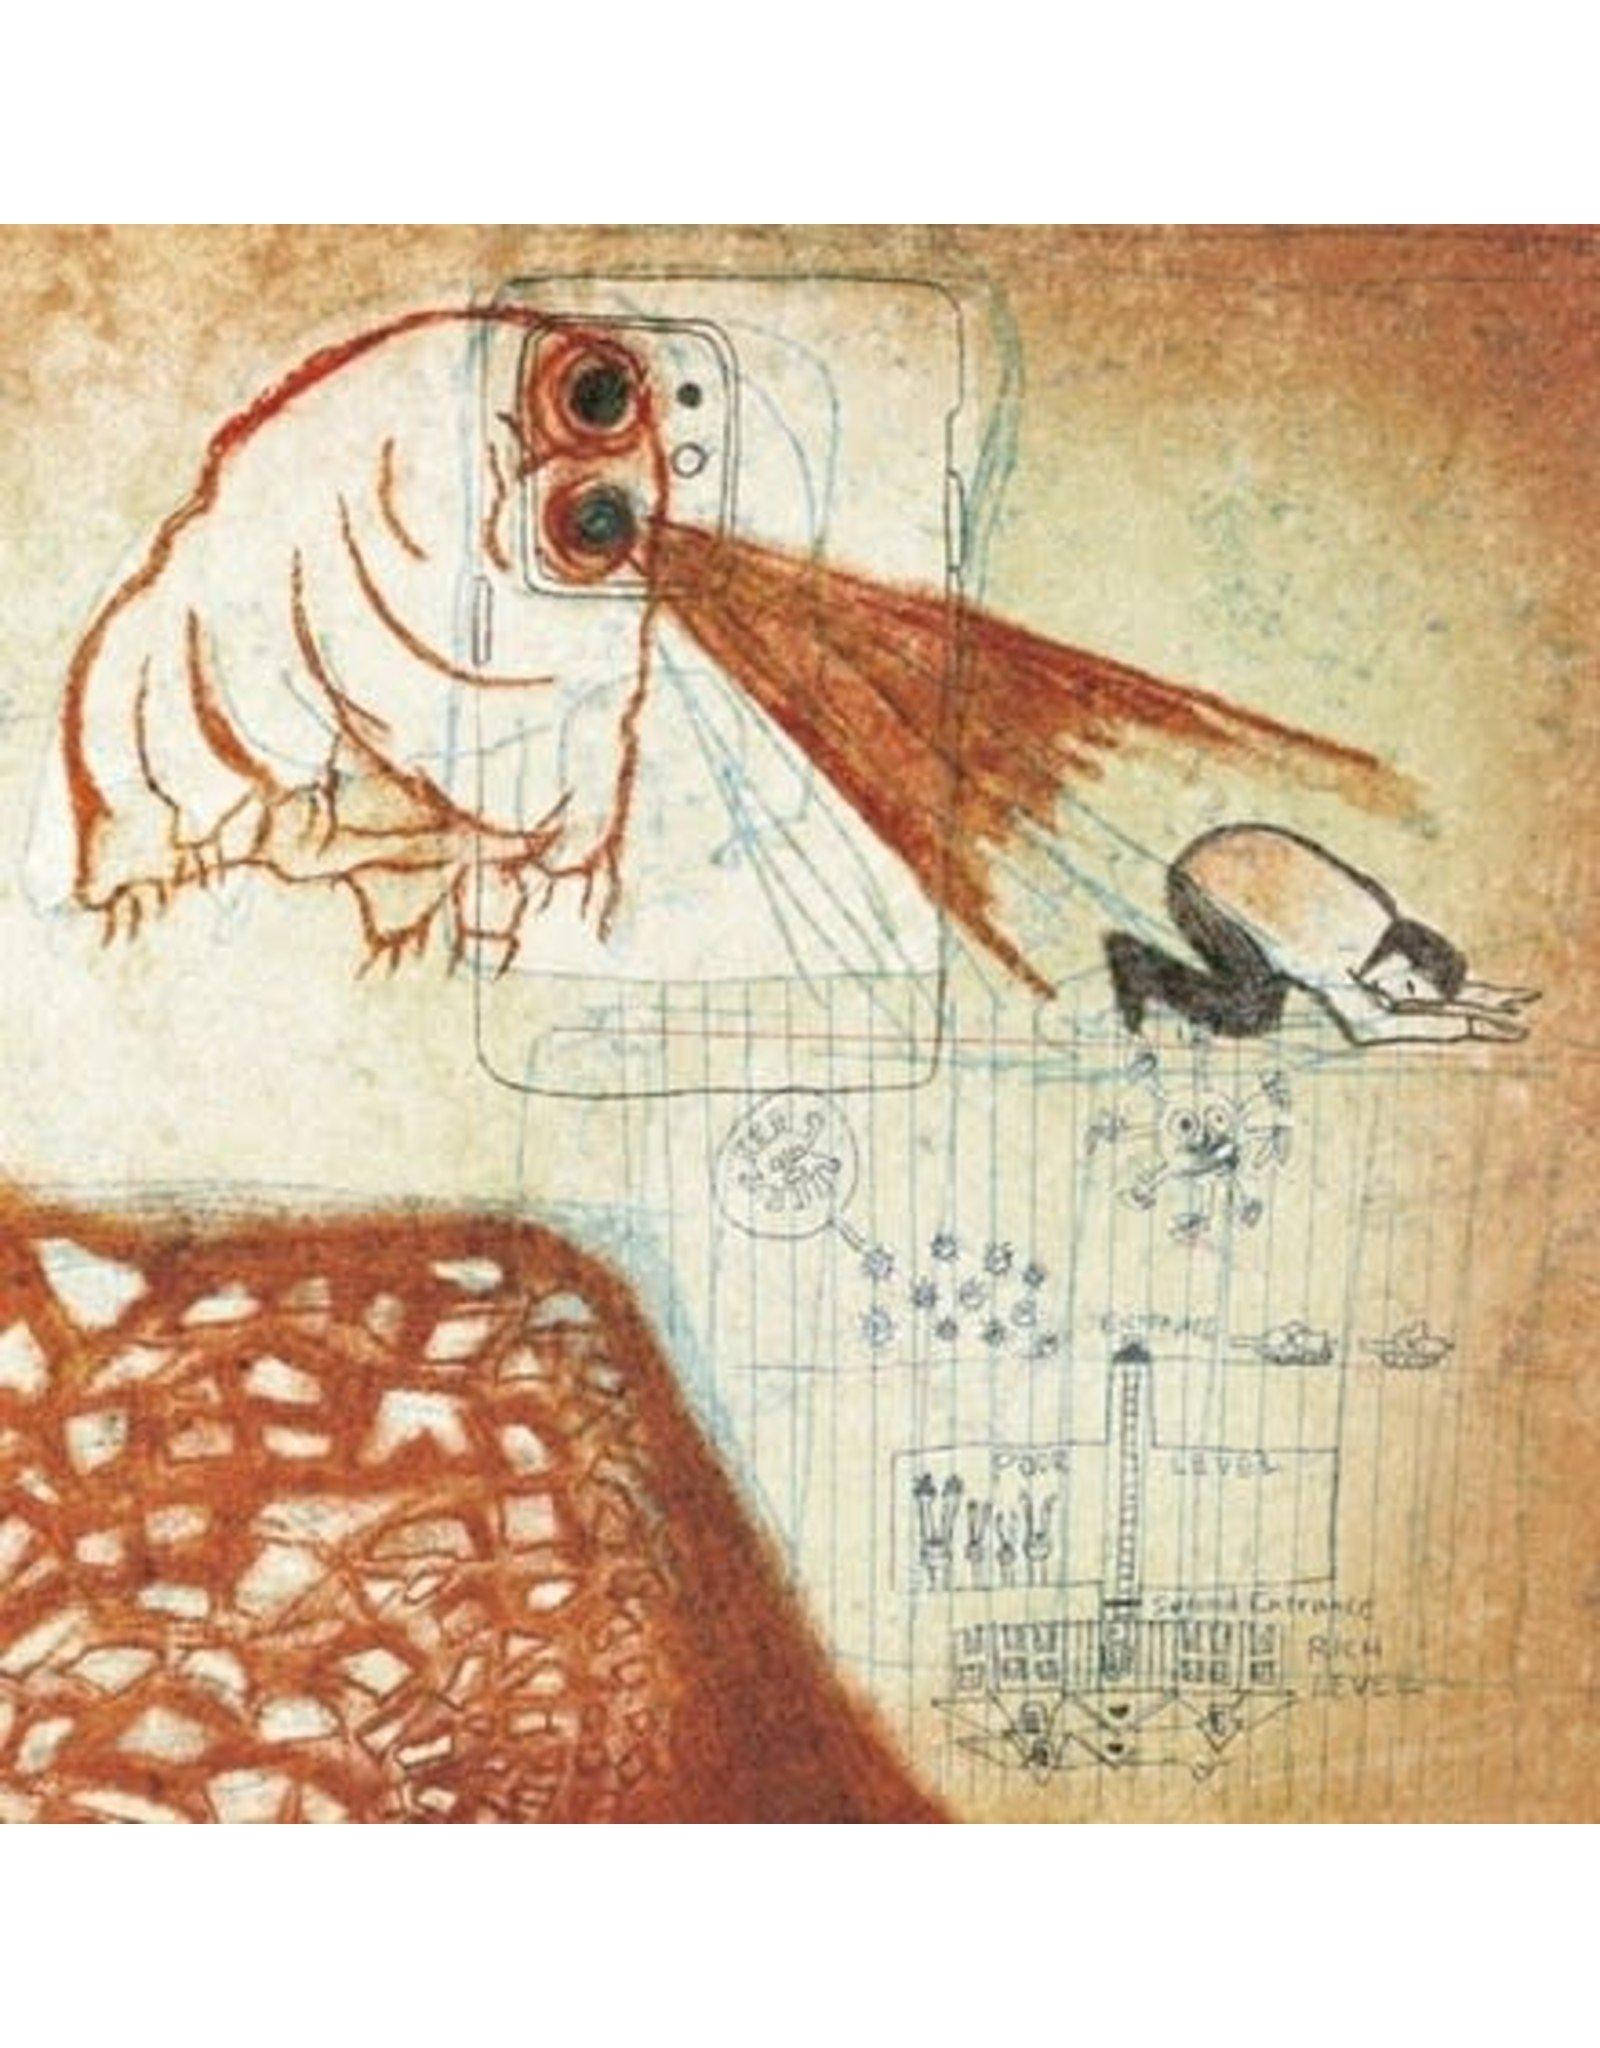 Joyful Noise Deerhoof: Future Teenage Cave Artists (blood coloured vinyl) LP